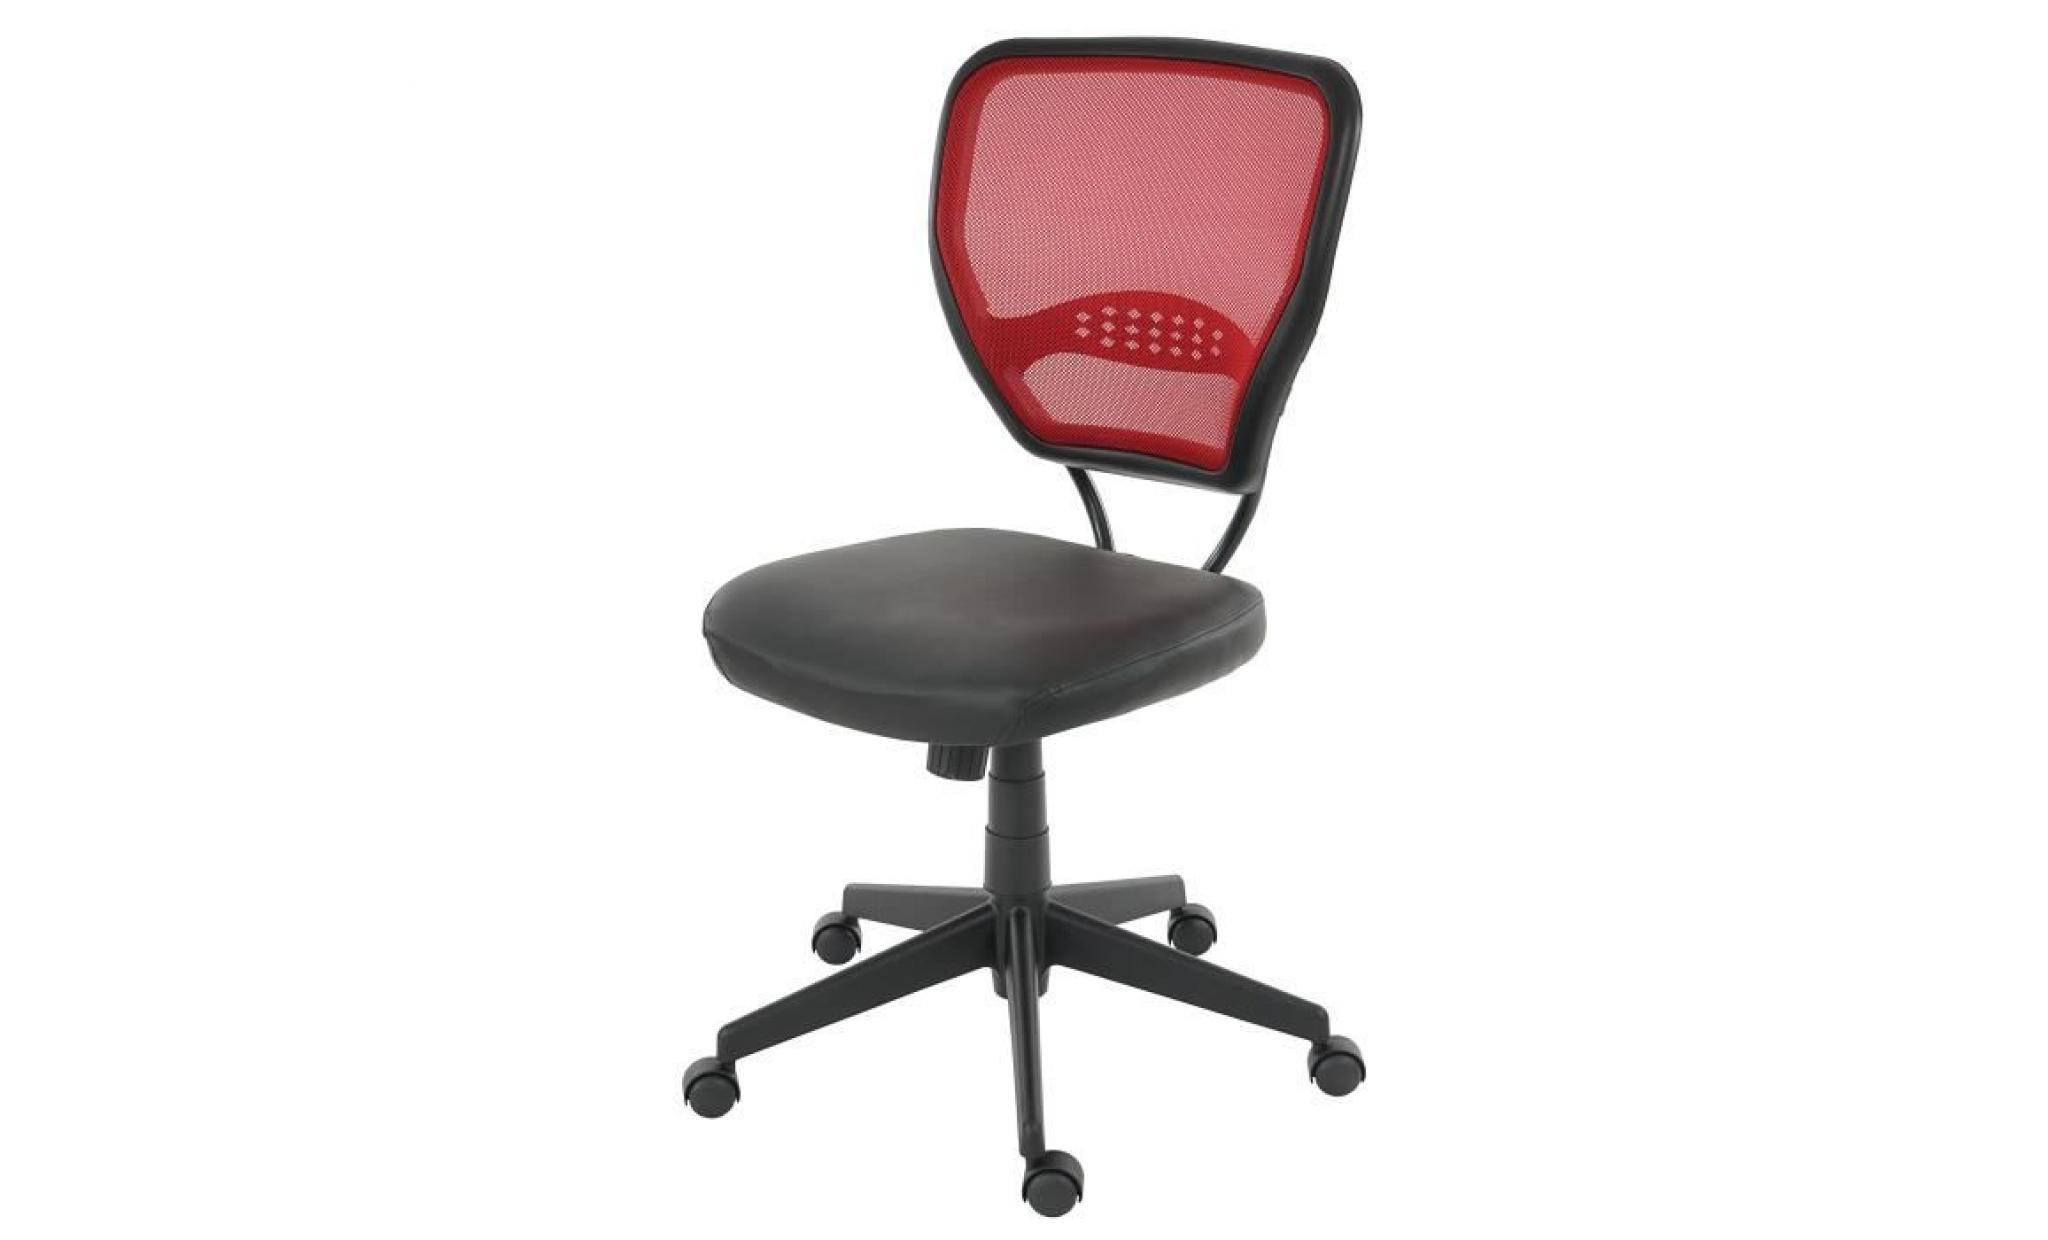 fauteuil chaise de bureau seattle charge 150kg pu gris sans accoudoirs achat vente. Black Bedroom Furniture Sets. Home Design Ideas